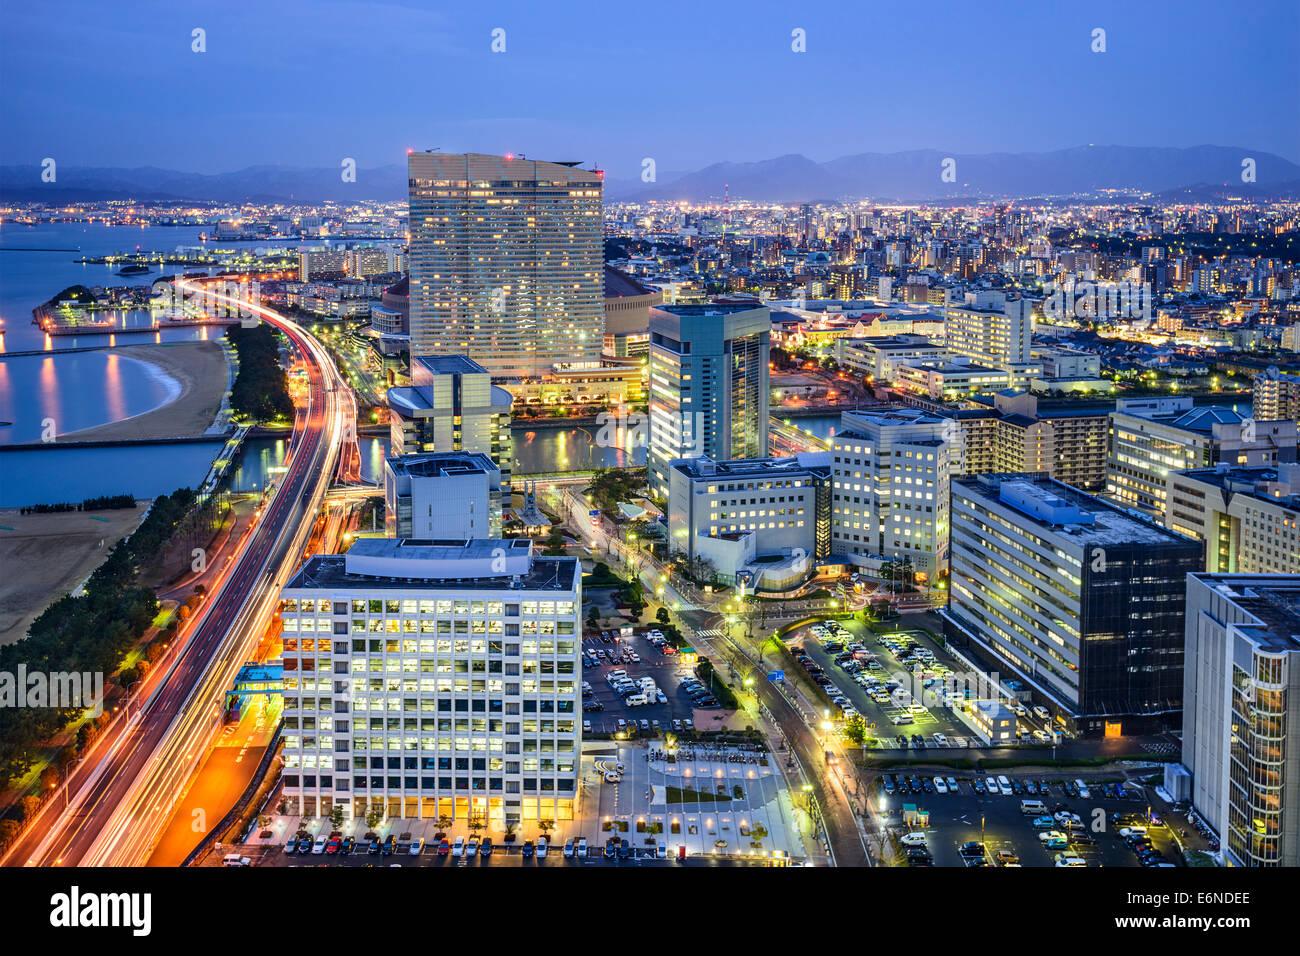 Fukoka, Japan downtown city skyline. - Stock Image